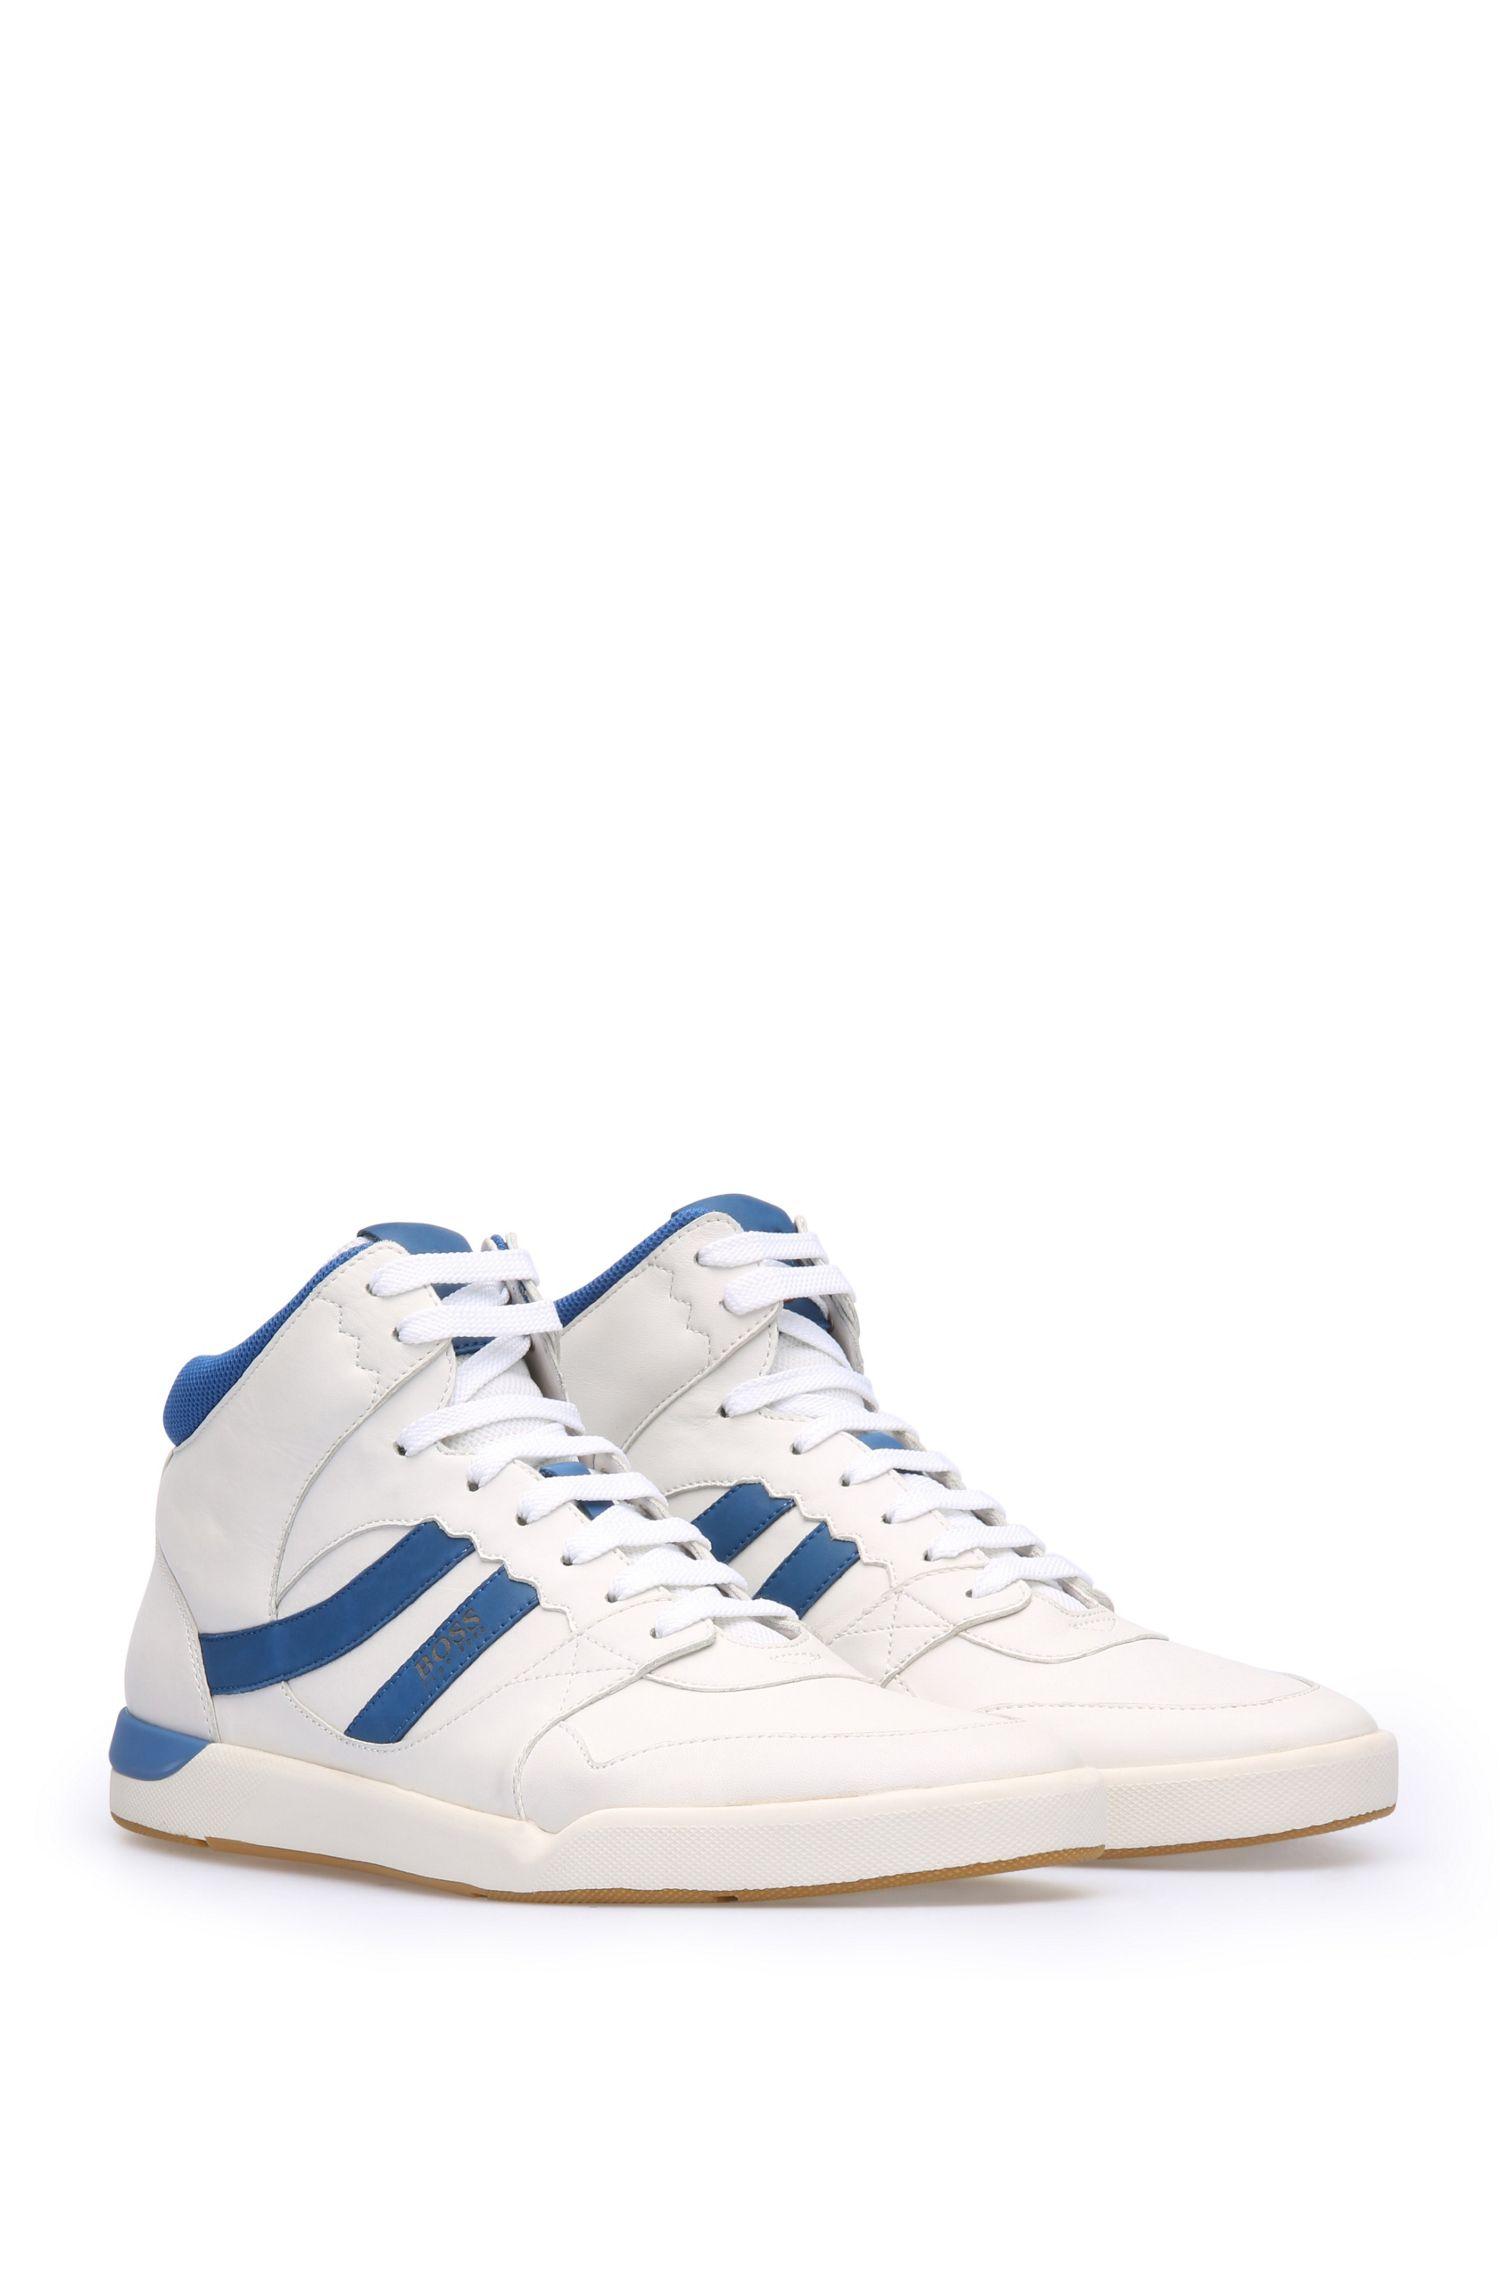 High Top Sneakers aus Leder und Textil: ´Stillnes_Hito_ltws`